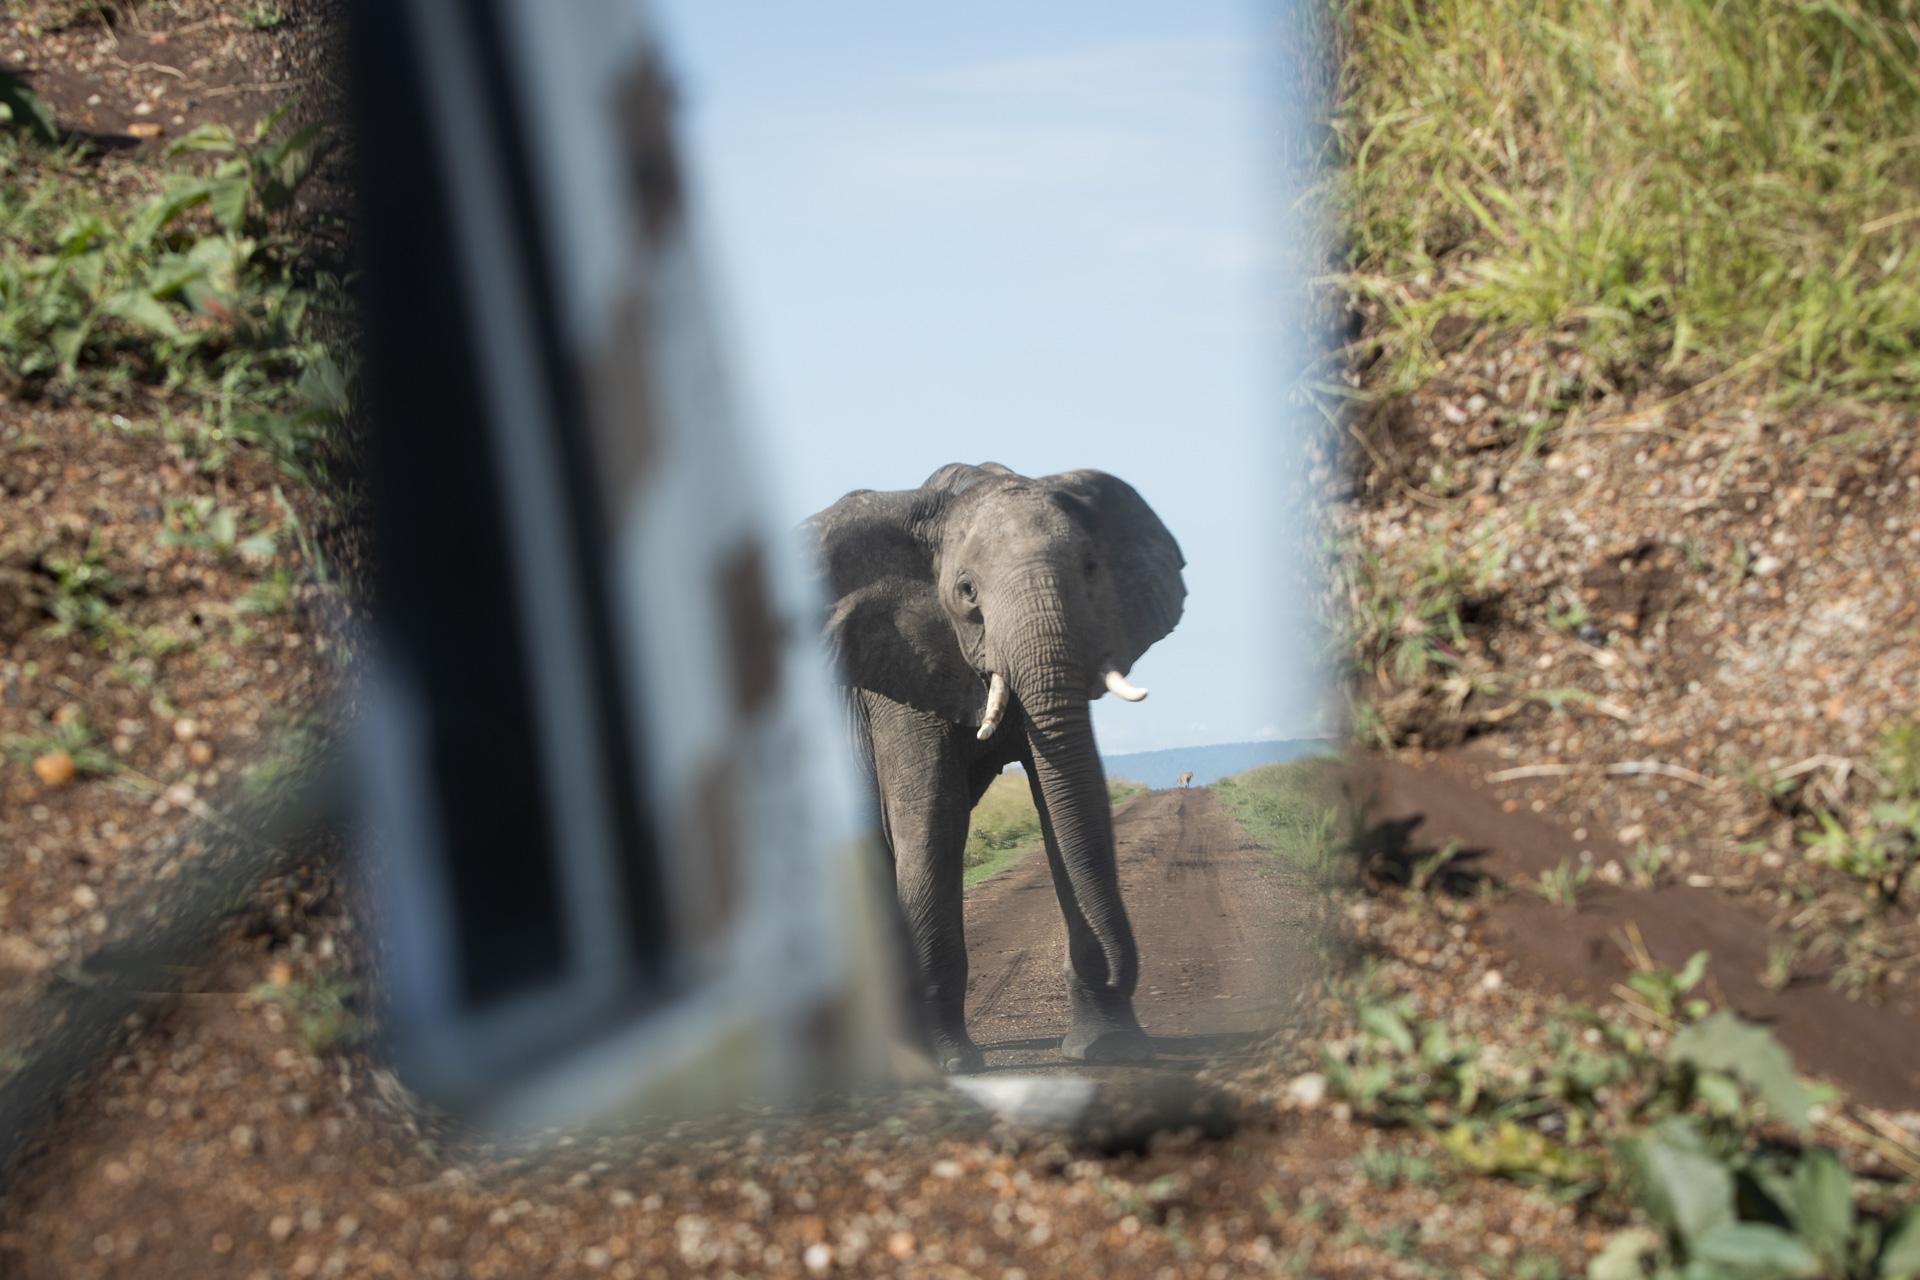 Elephant in rearview mirror